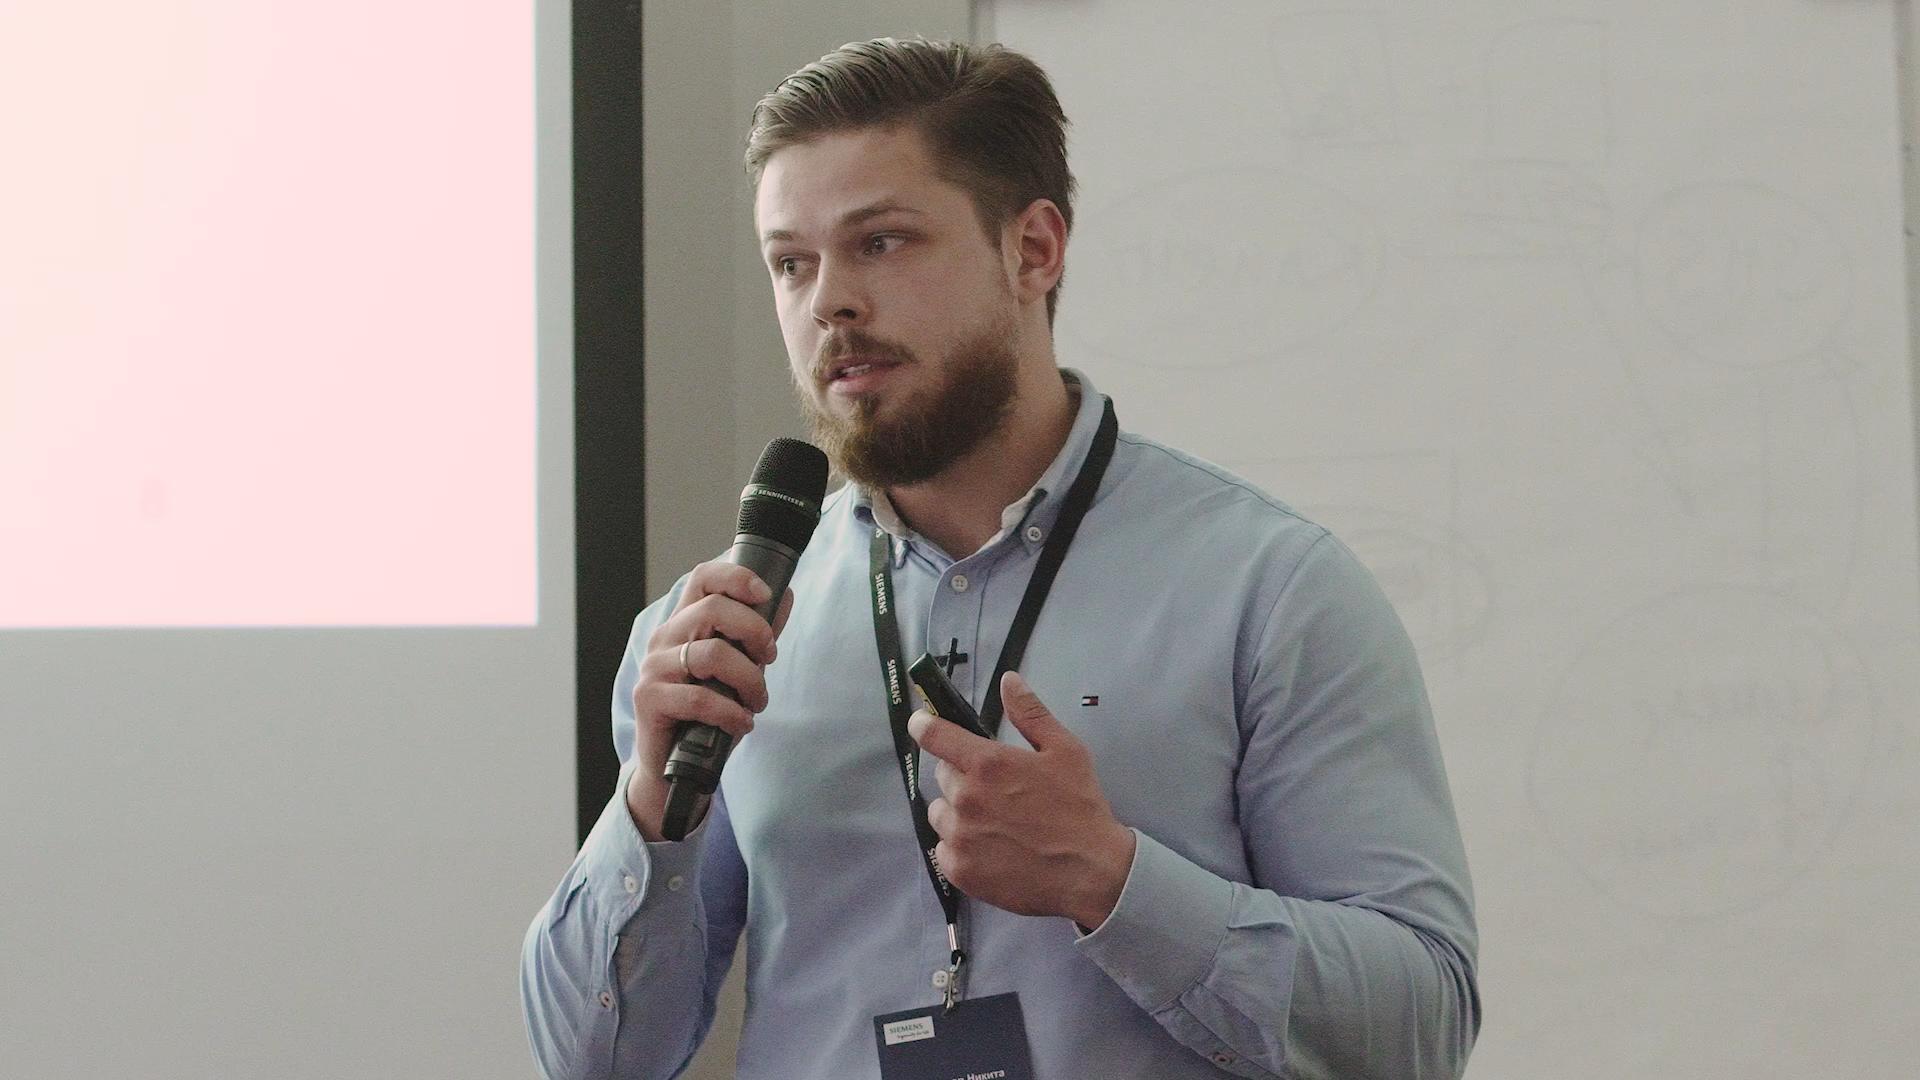 FEMAP Symposim 2019: Про компанию КАДИС. Никита Колотилов